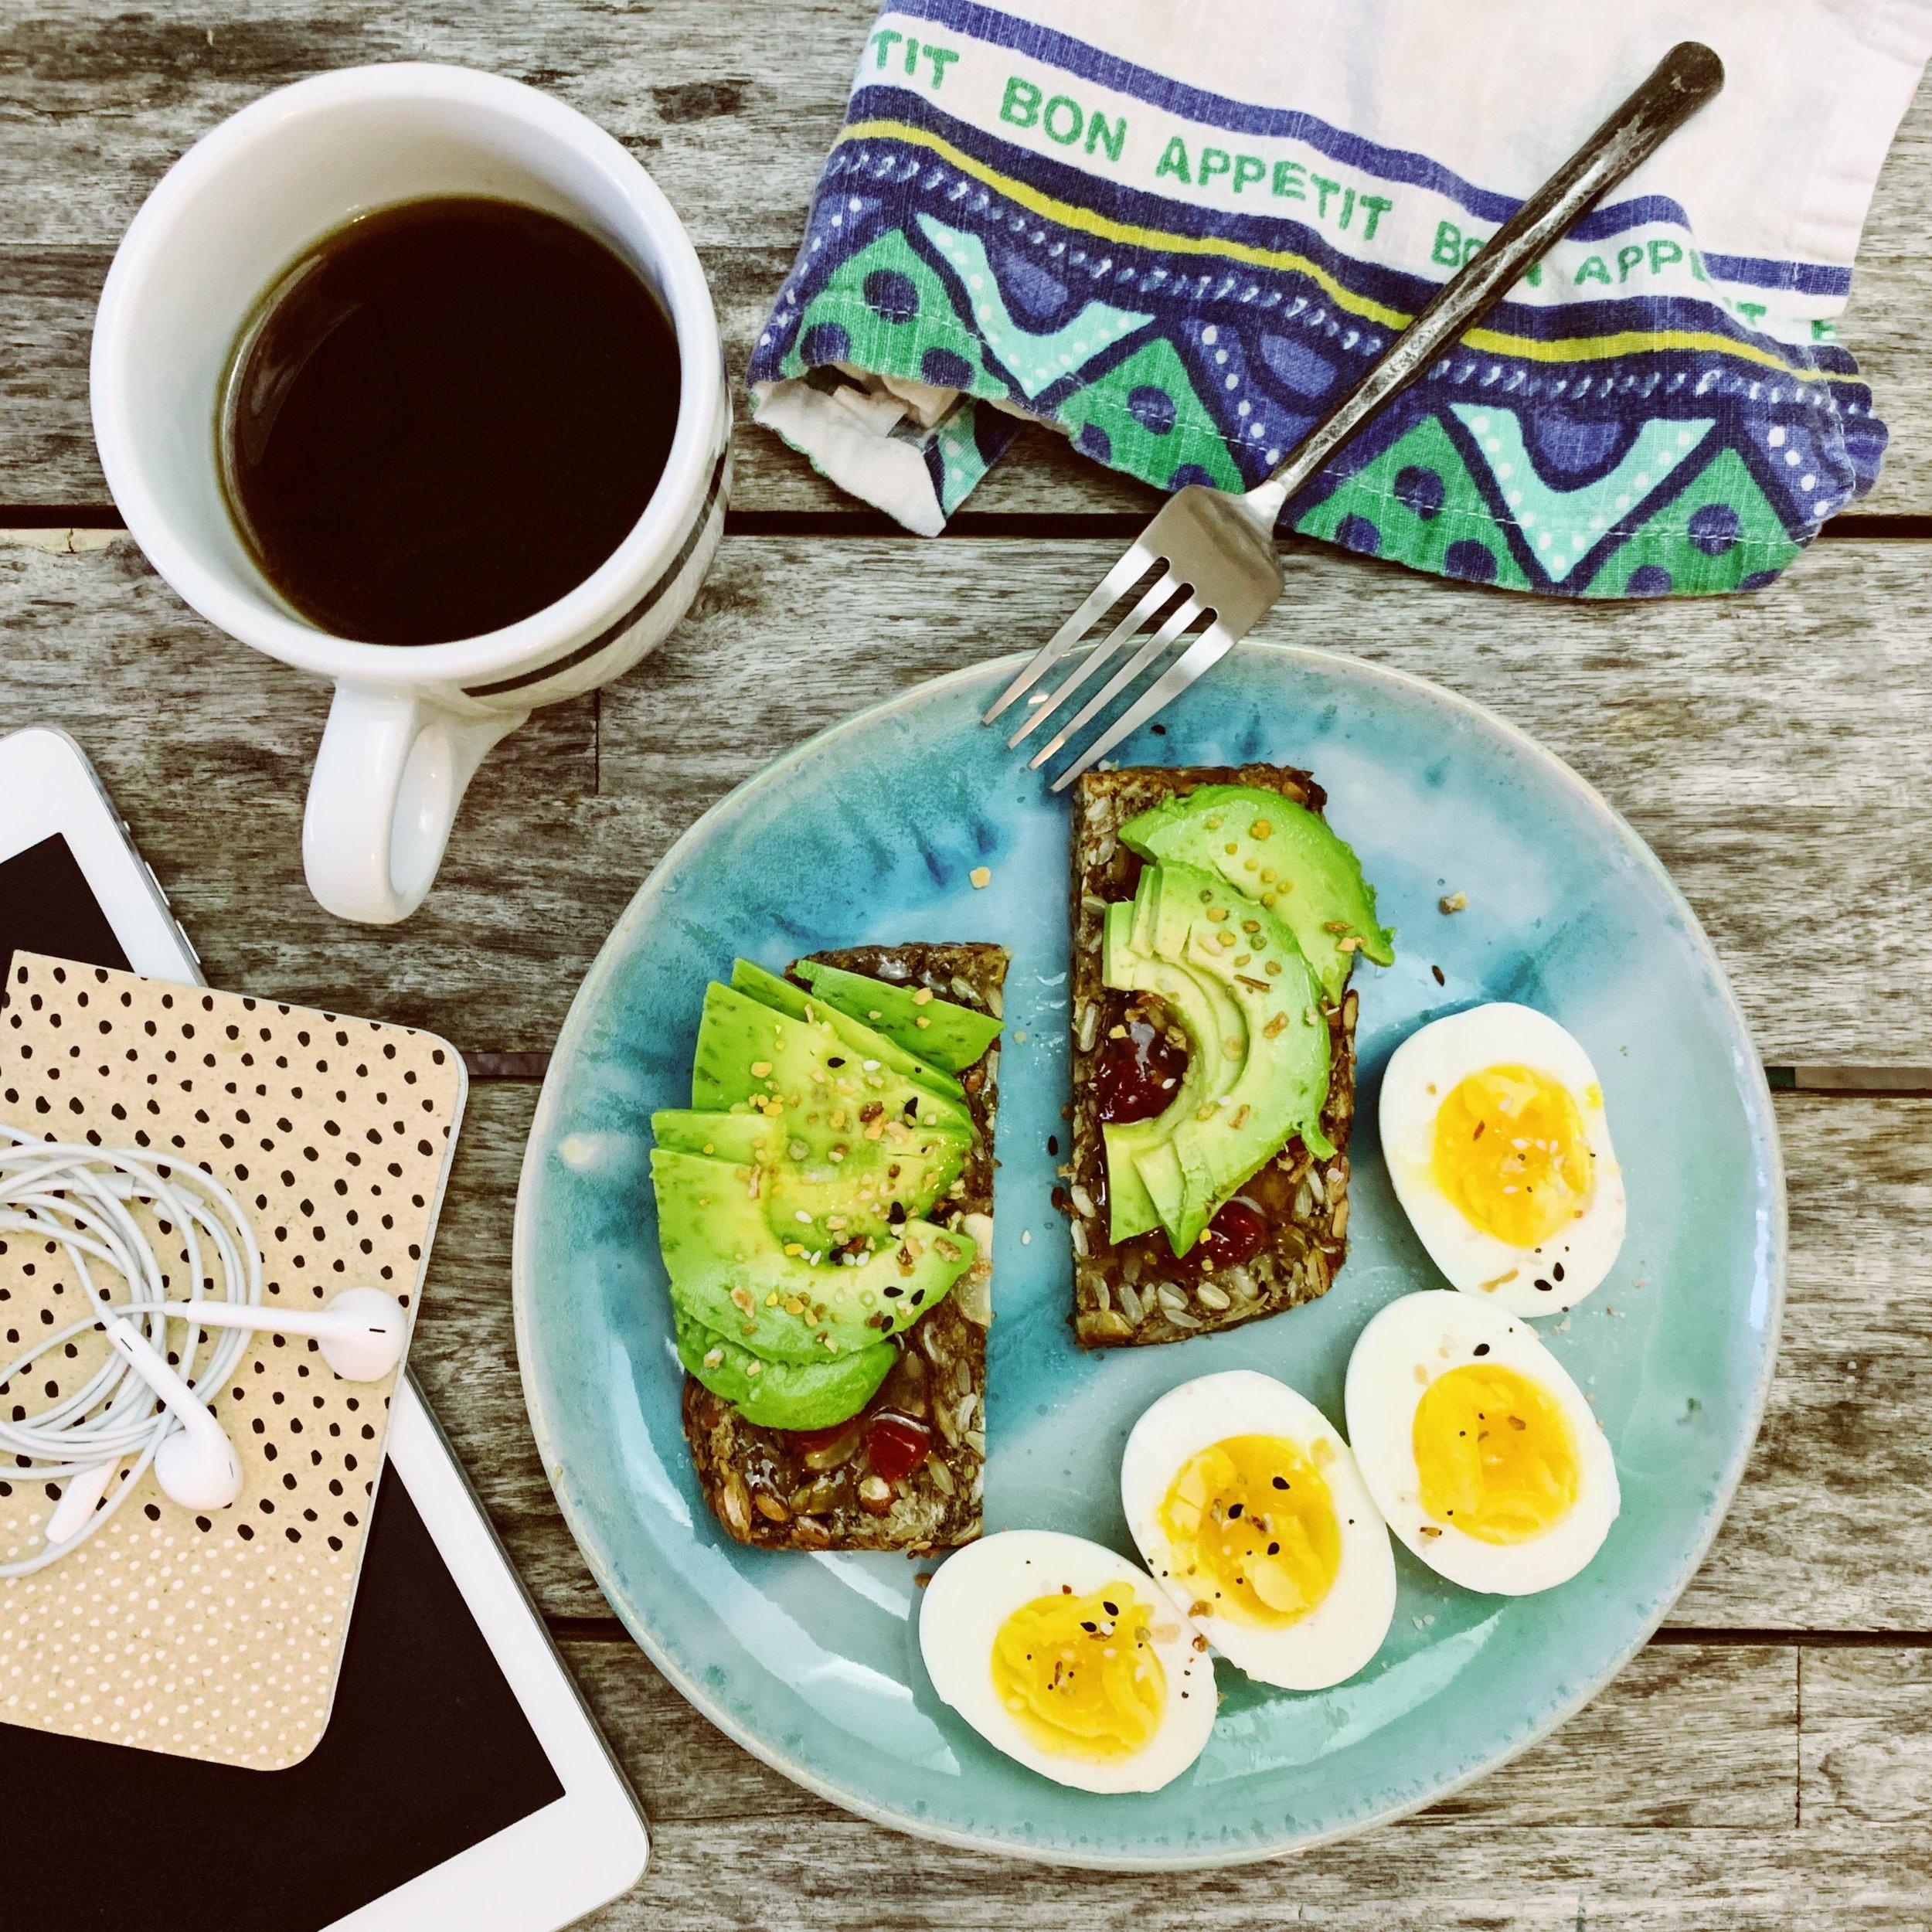 Avocado + Eggs on Seed/Oat Toast